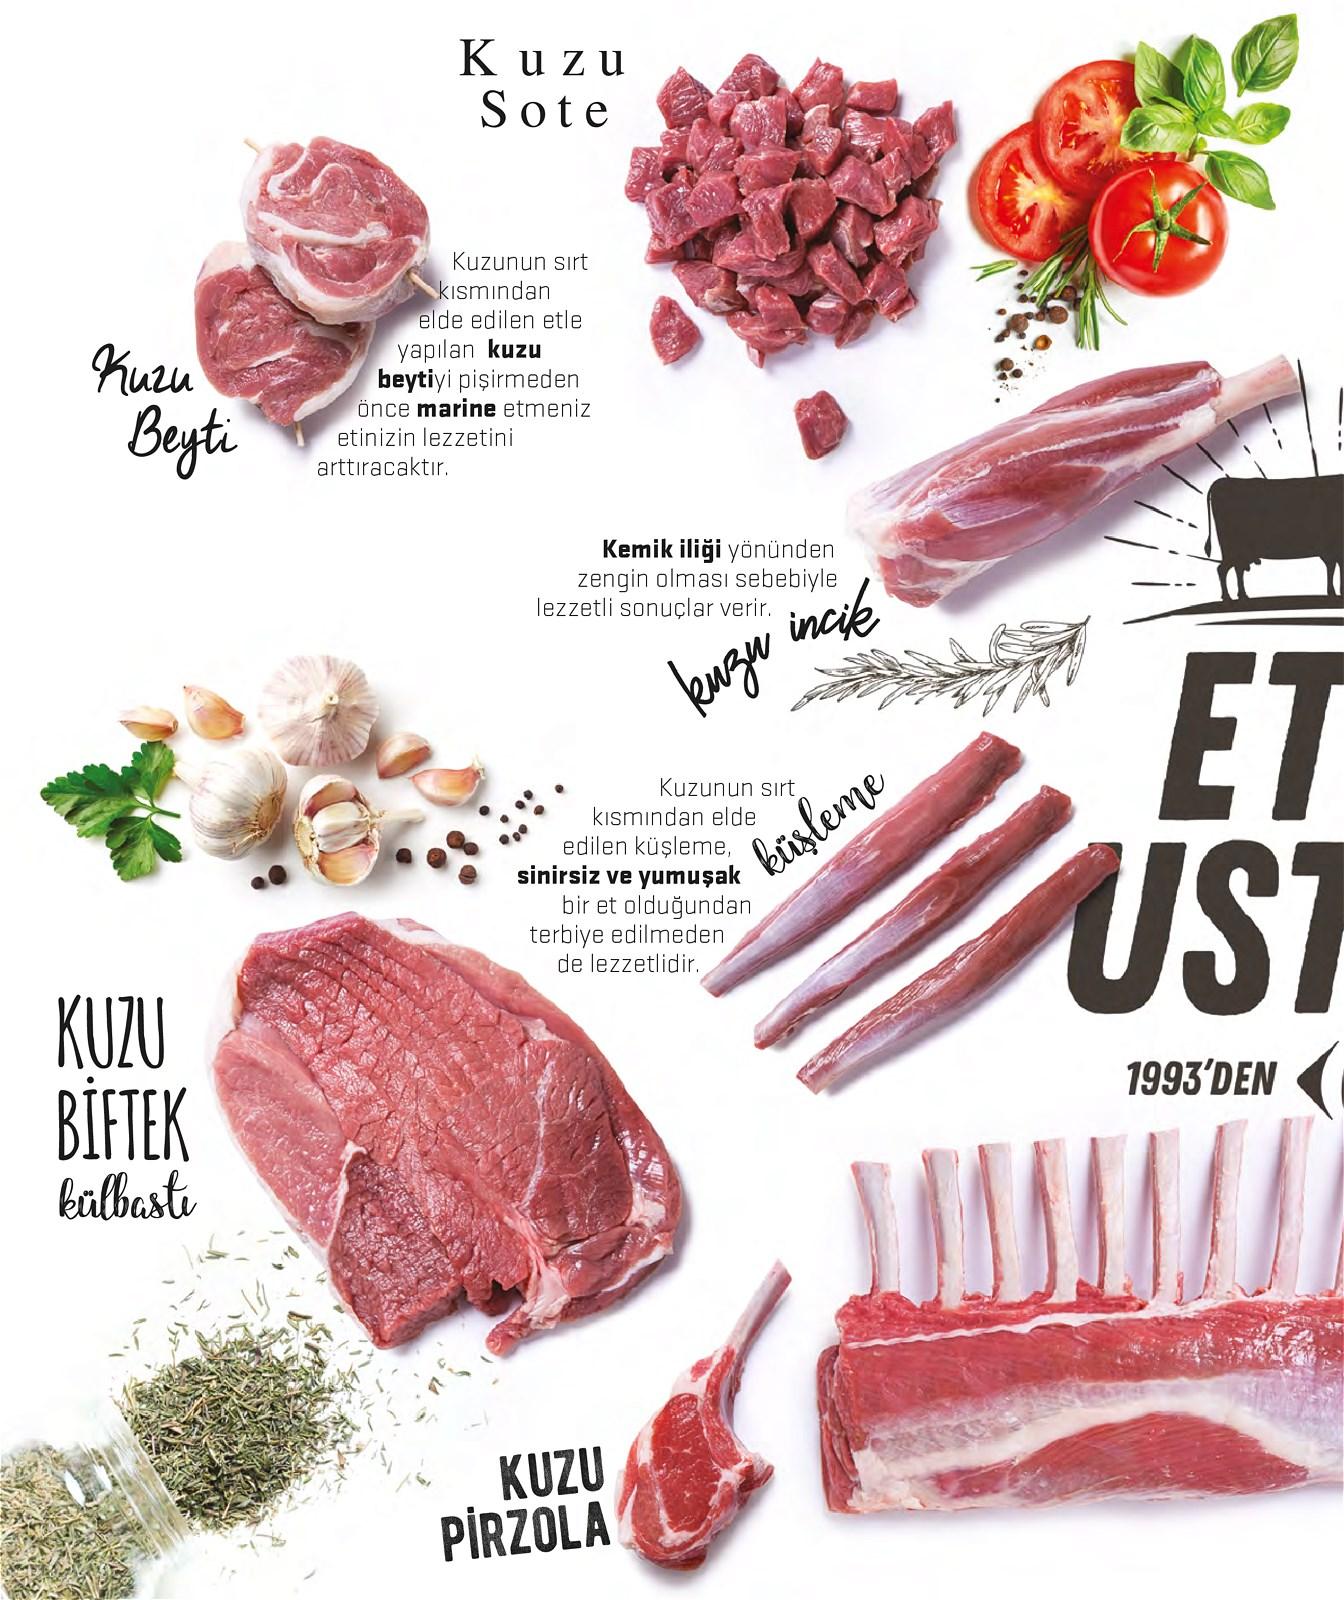 13.01.2021 CarrefourSA broşürü 10. sayfa